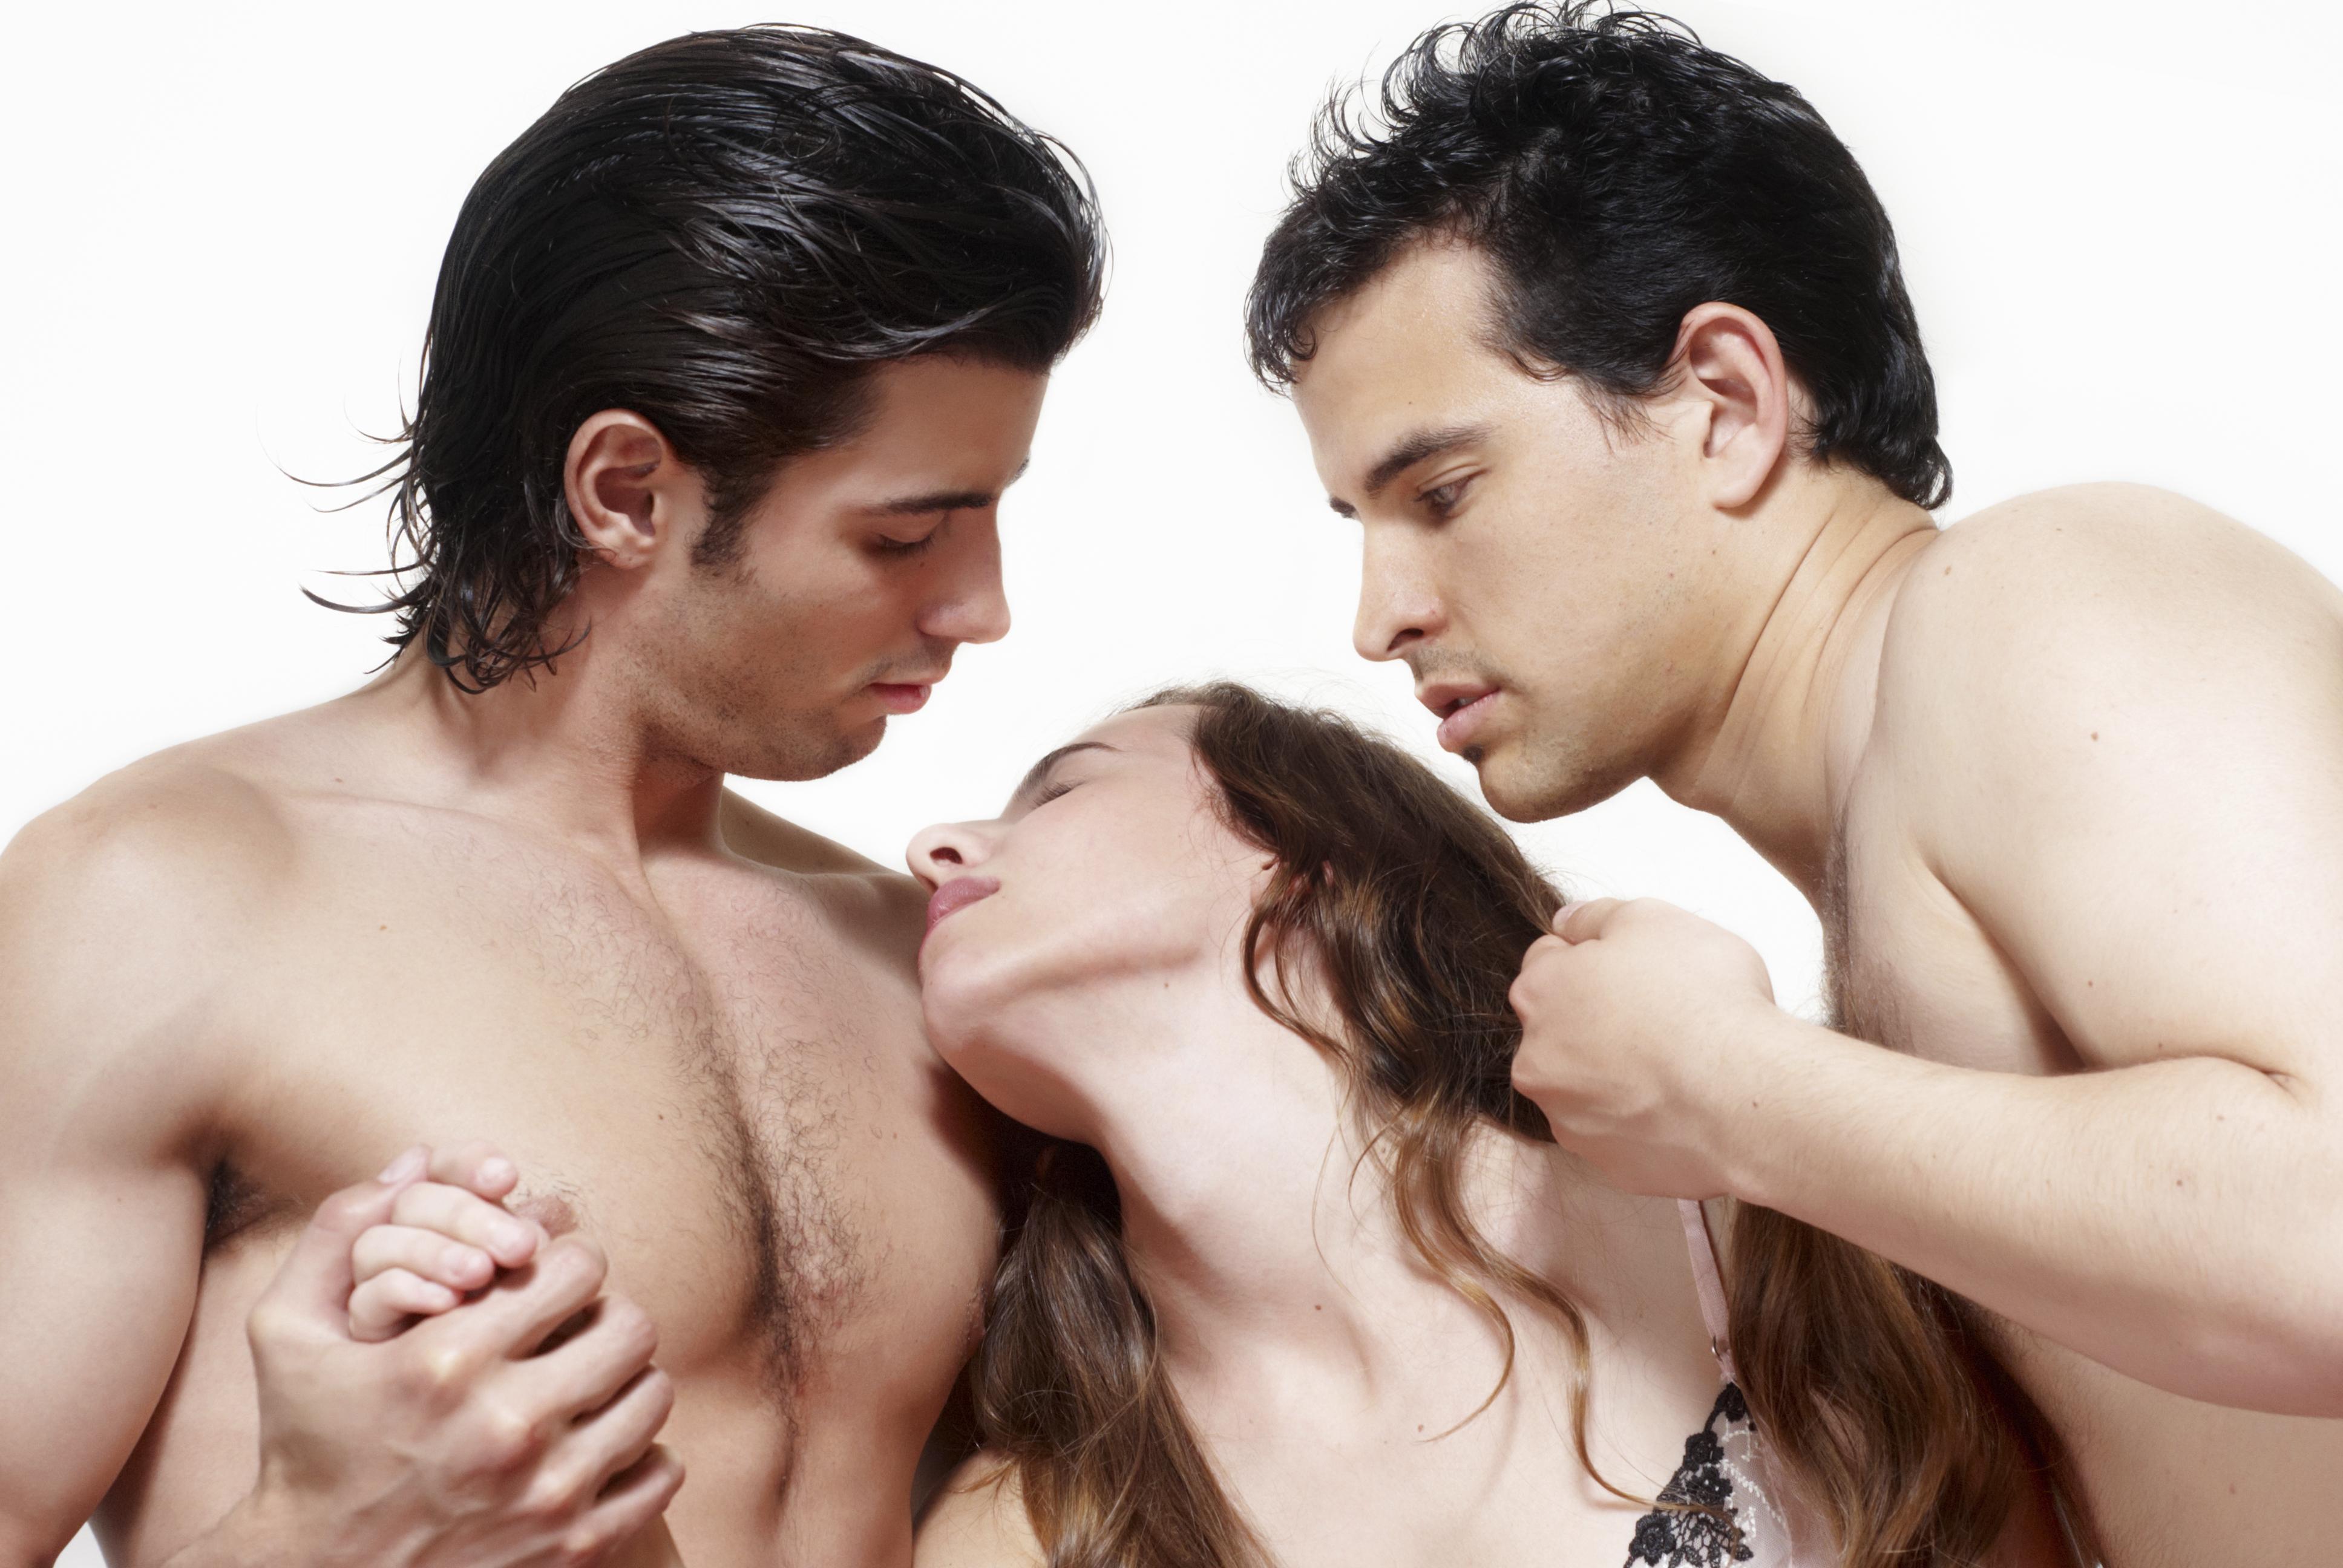 Фантазии женщин в сексе моему